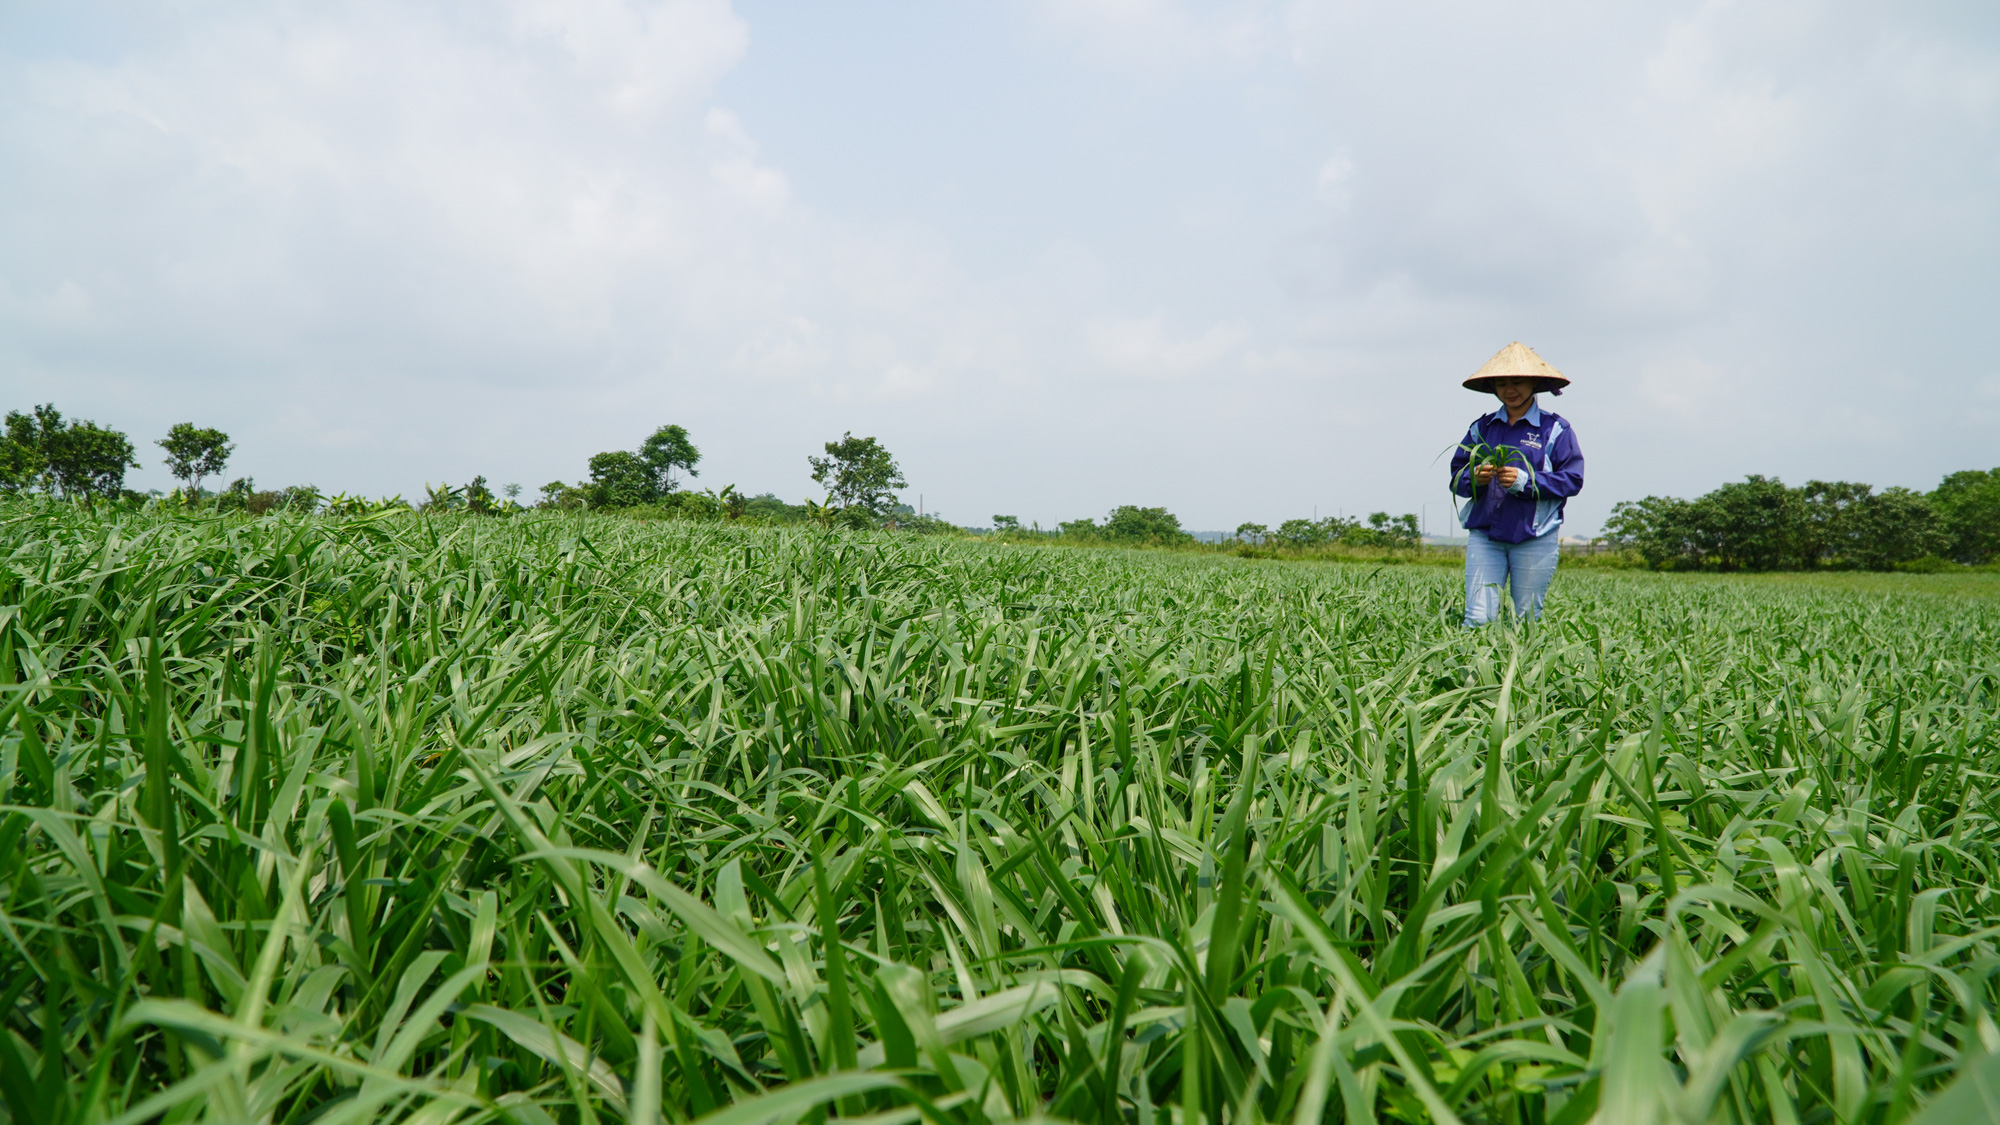 Cô gái 8X trồng cỏ nuôi bò, hiện thực giấc mơ tạo dòng sữa sạch - Ảnh 4.